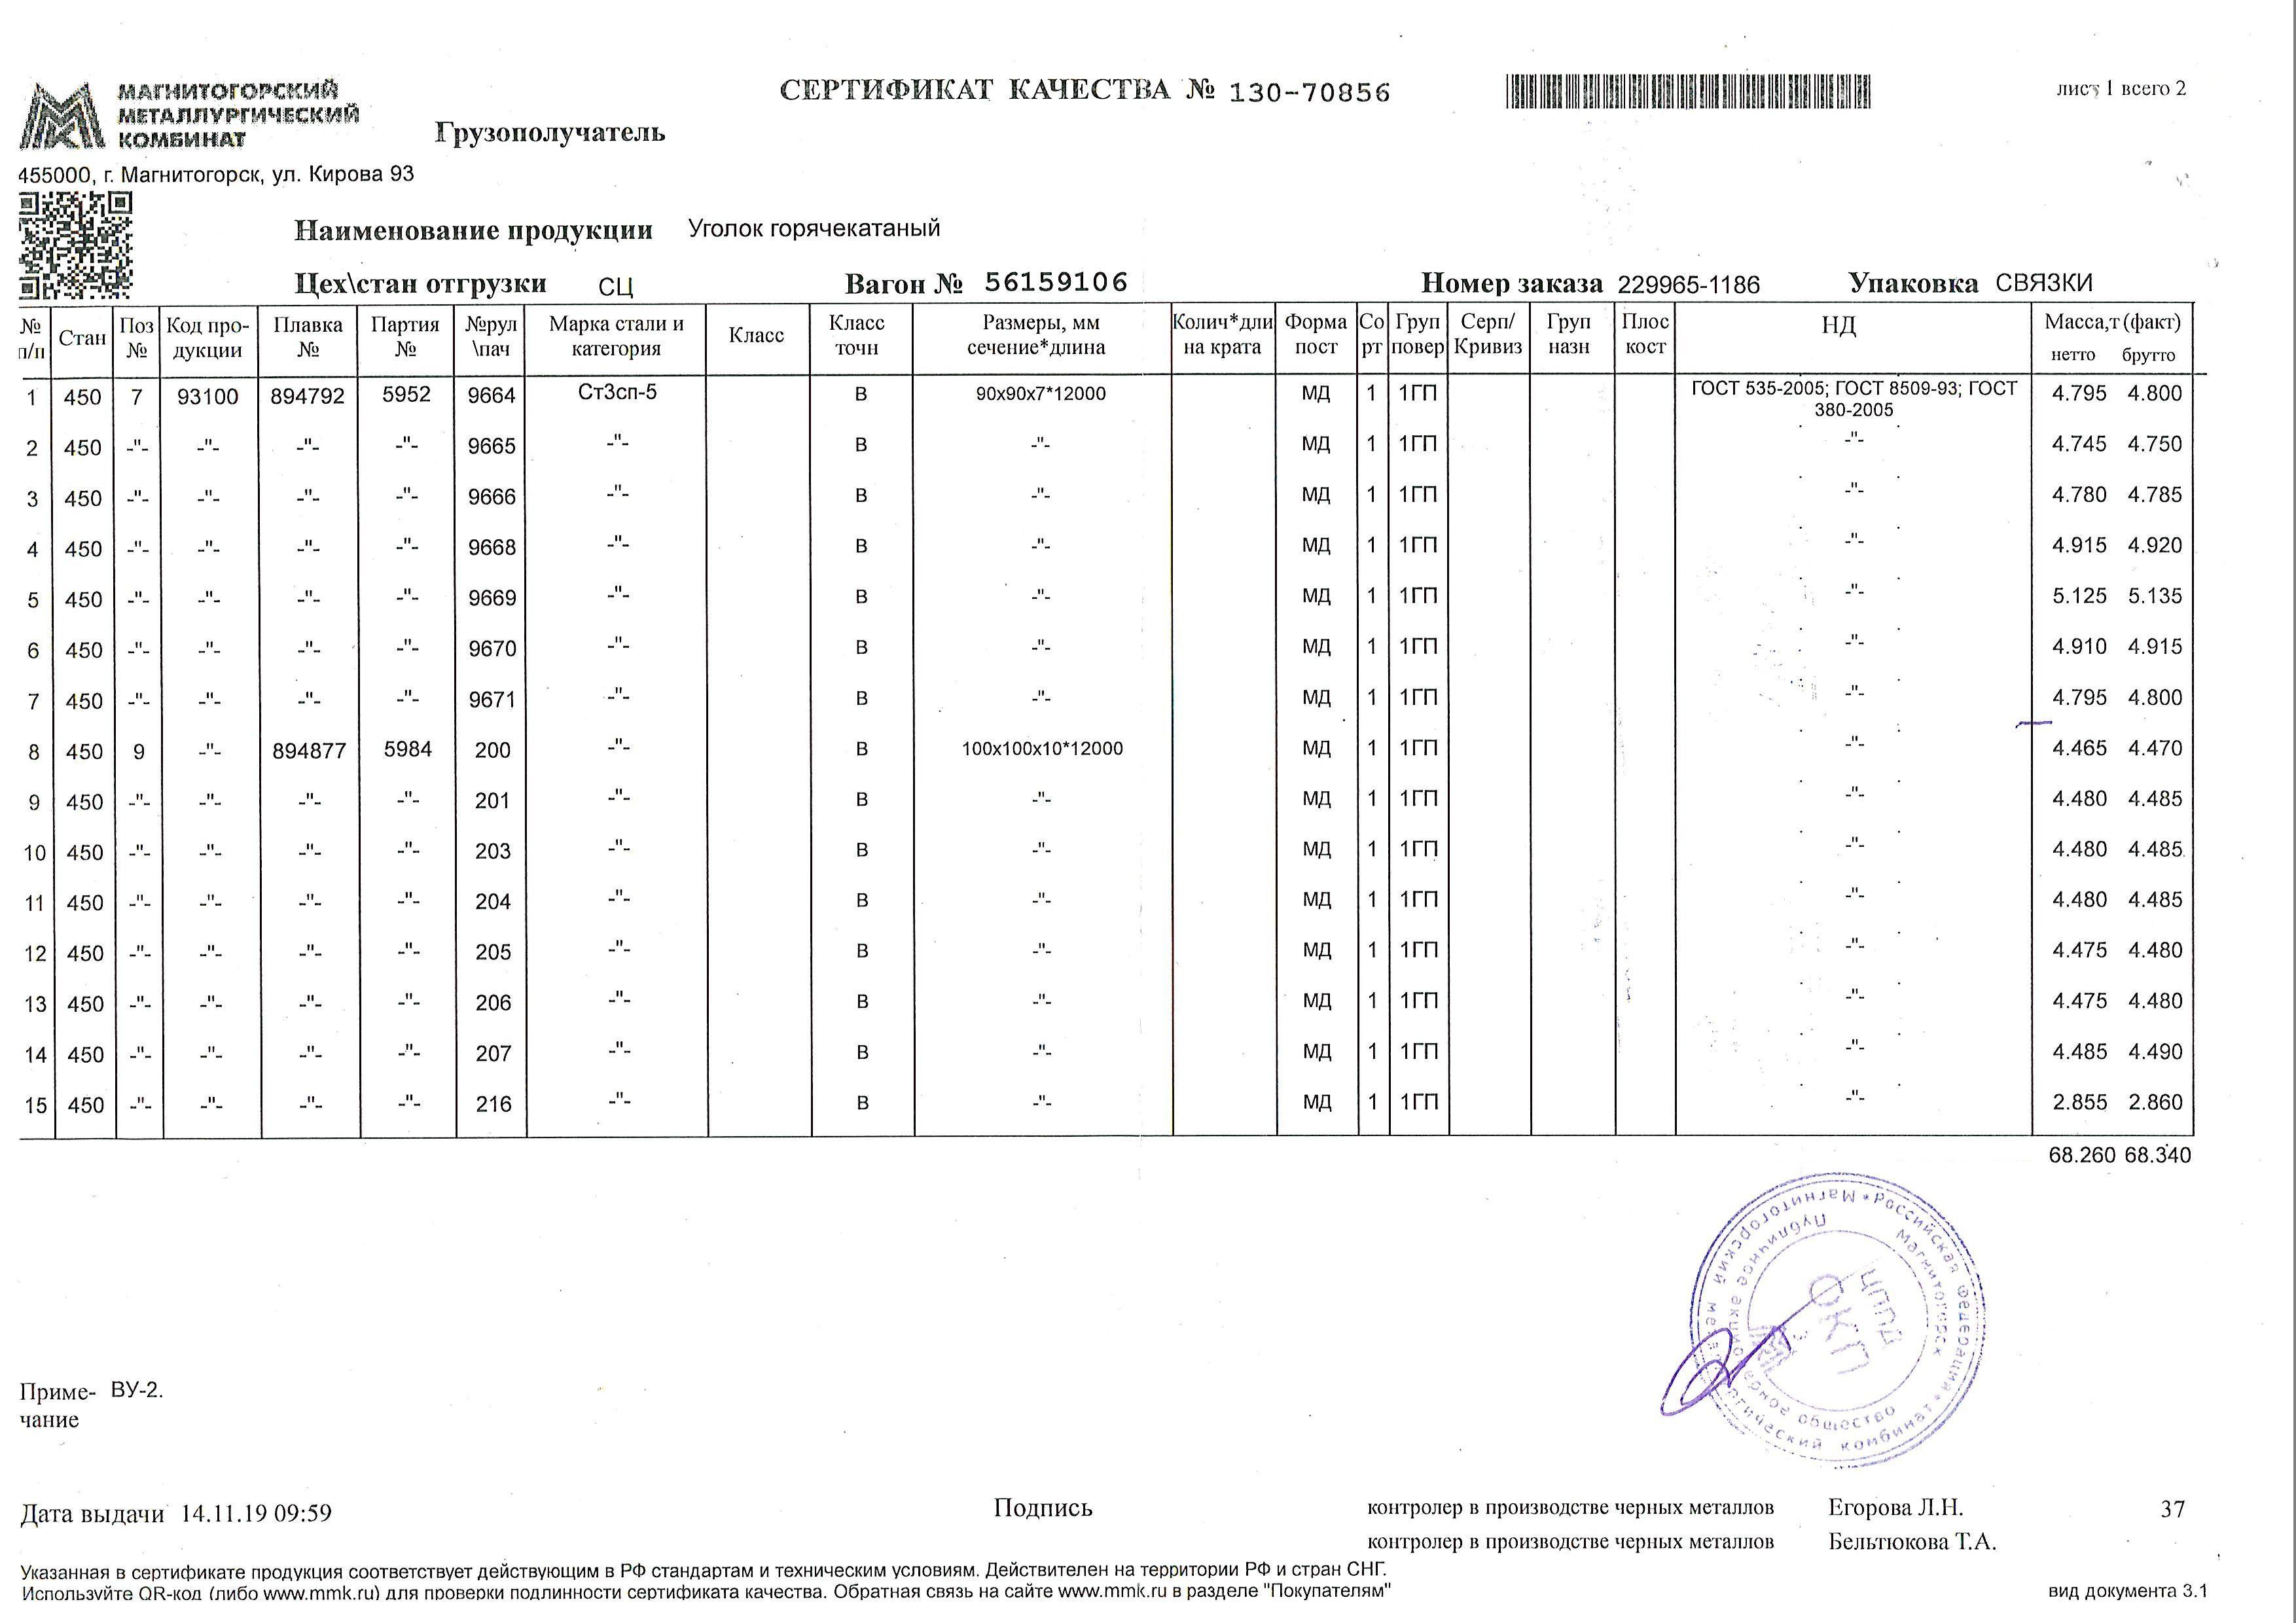 Сертификат на уголок 90x90x7